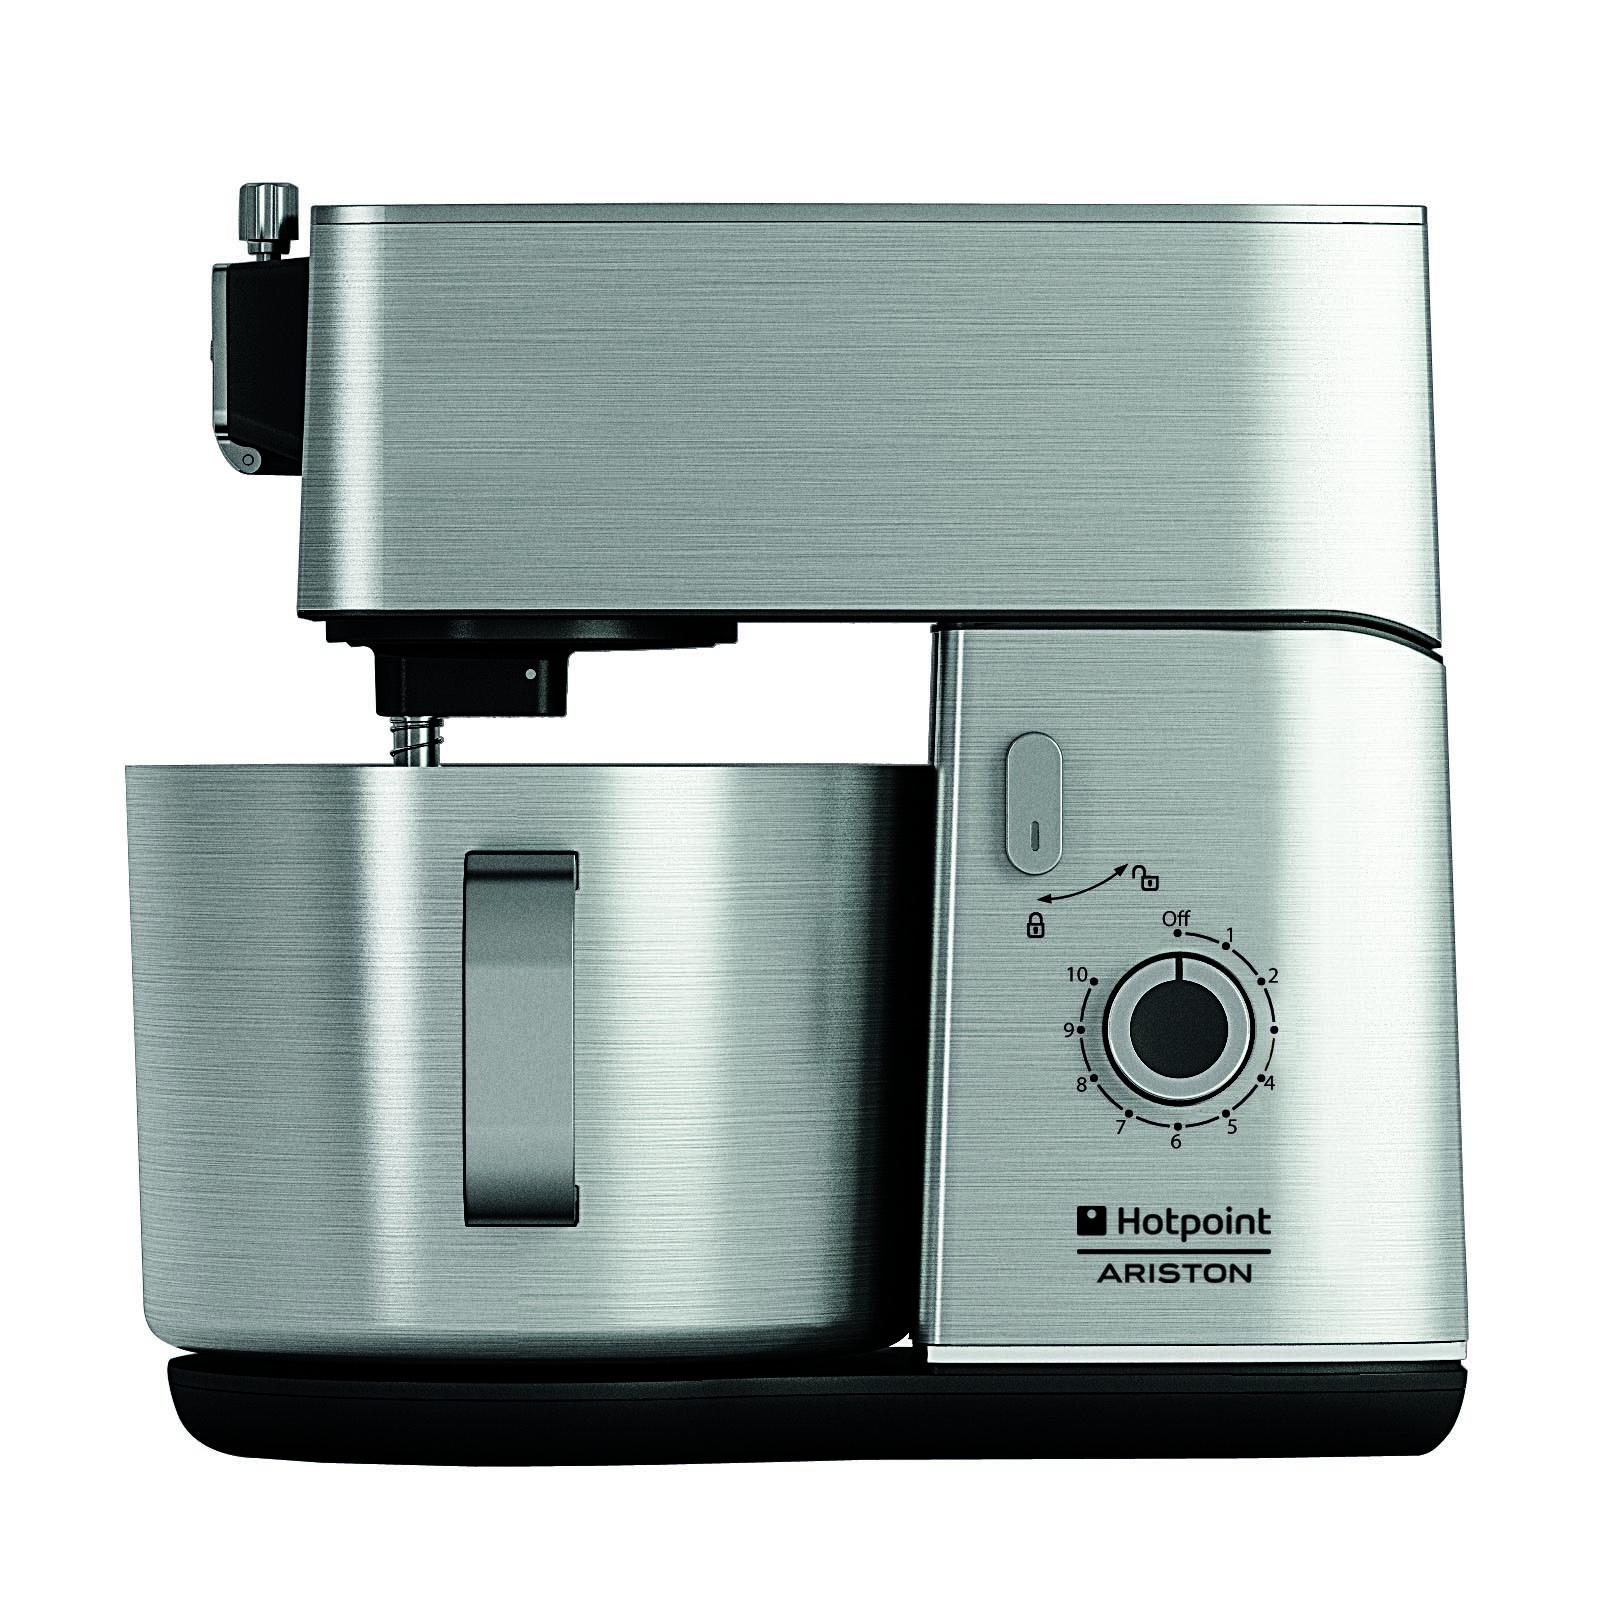 Hd line kitchen machine di hotpoint ariston un vero aiuto in cucina leshoppingnews - Aiuto in cucina ...